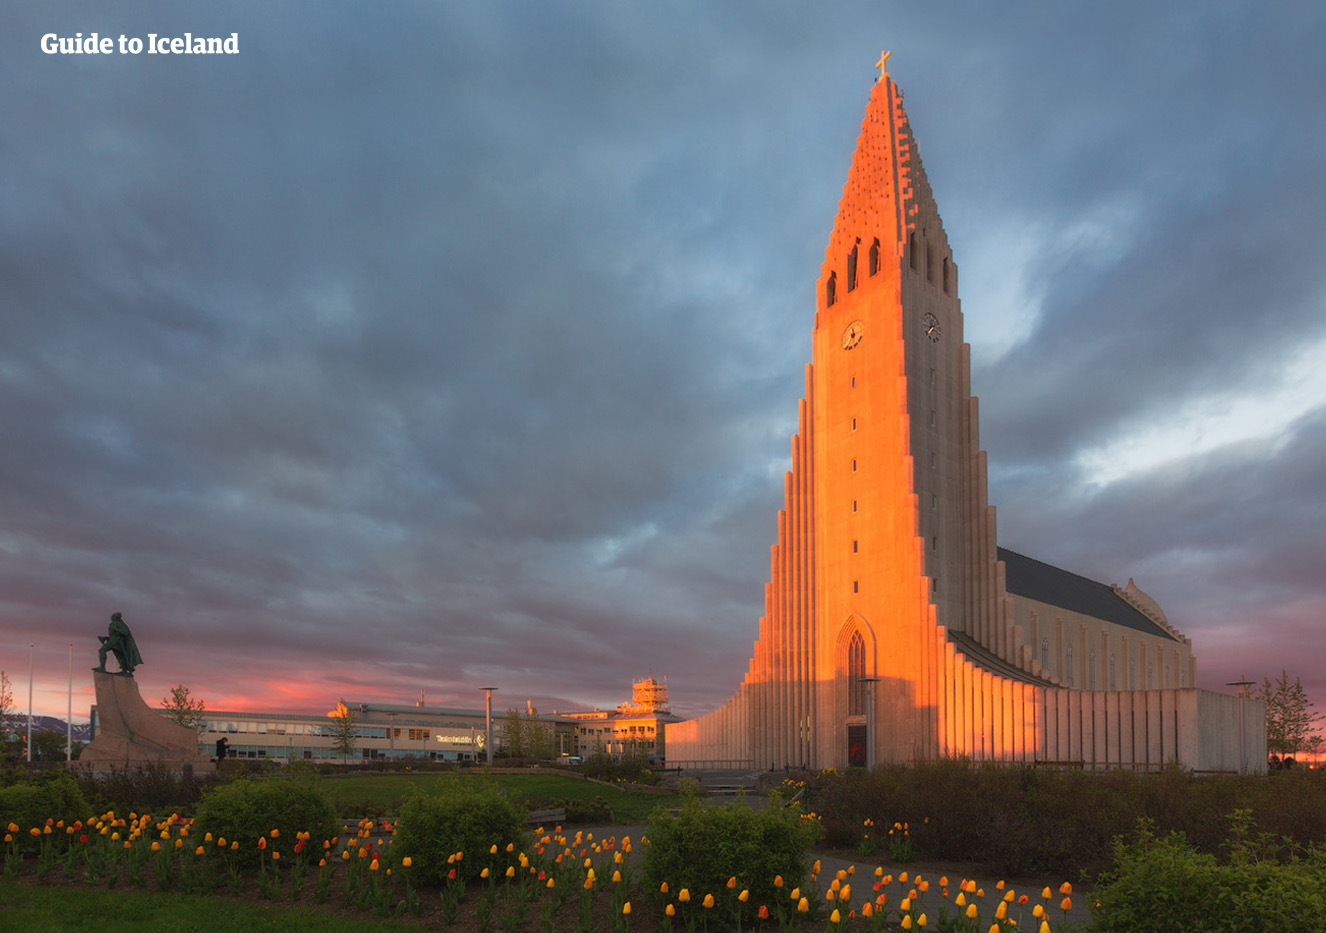 Formule été 5 jours en famille | Cercle d'Or, Côte Sud et Reykjavík - day 1